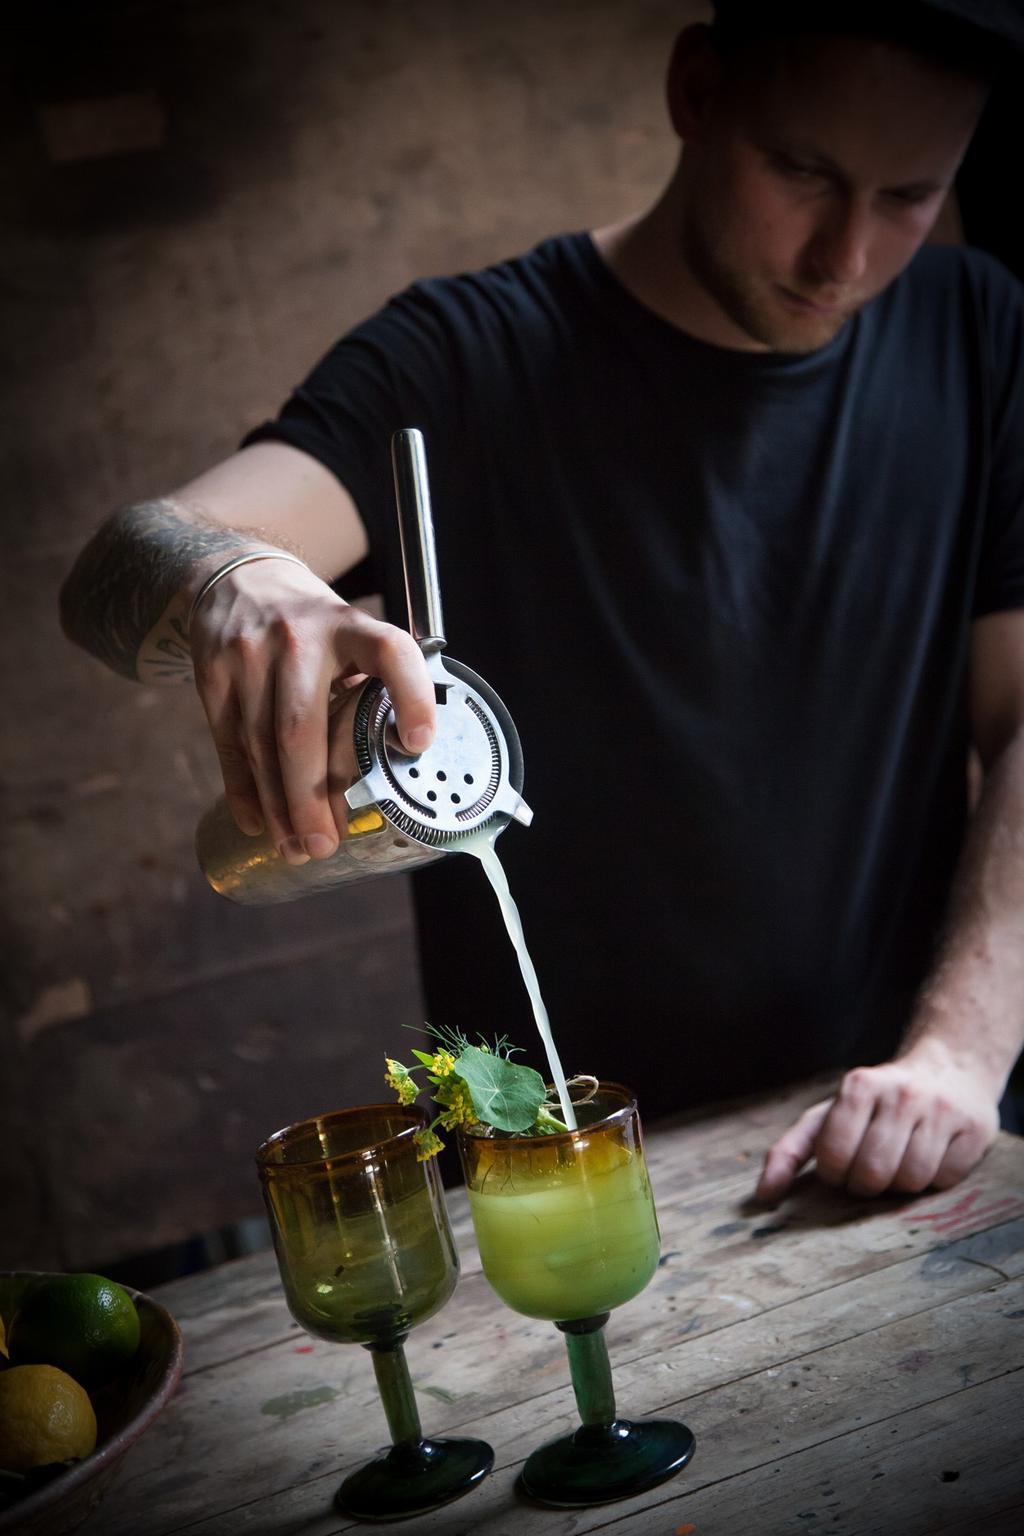 Paul terwijl hij cocktails maakt in Atelier Morel in Antwerpen